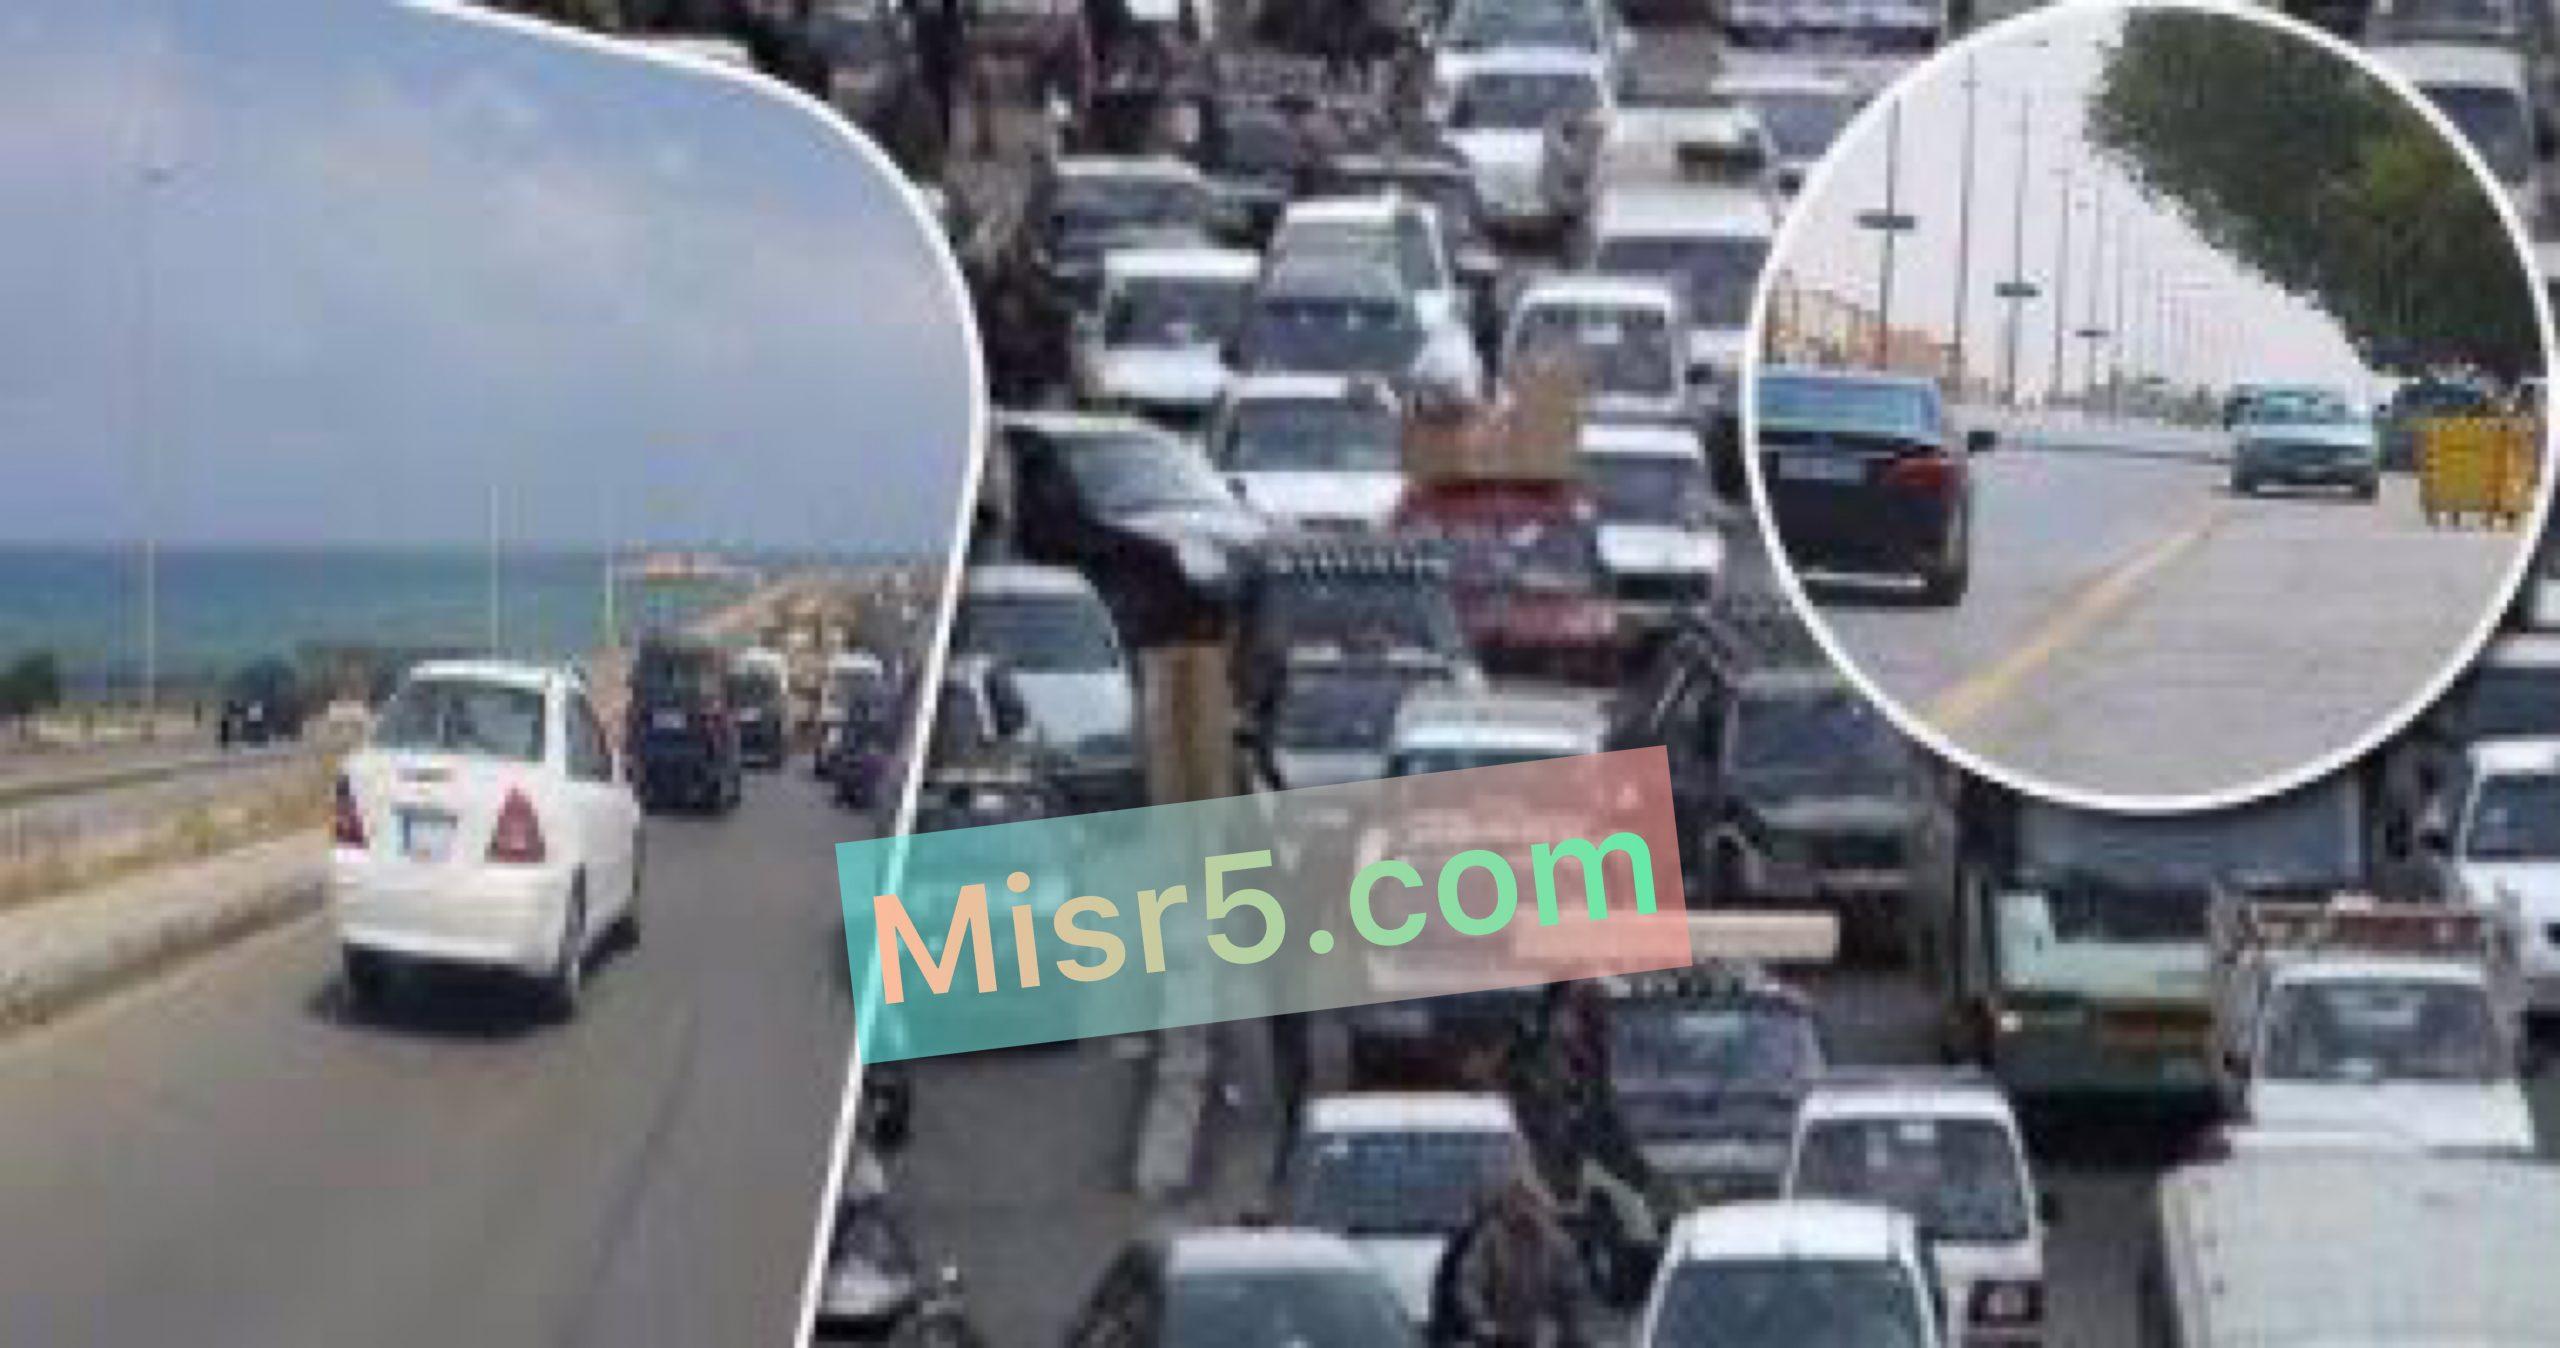 Infórmese sobre las infracciones de tránsito